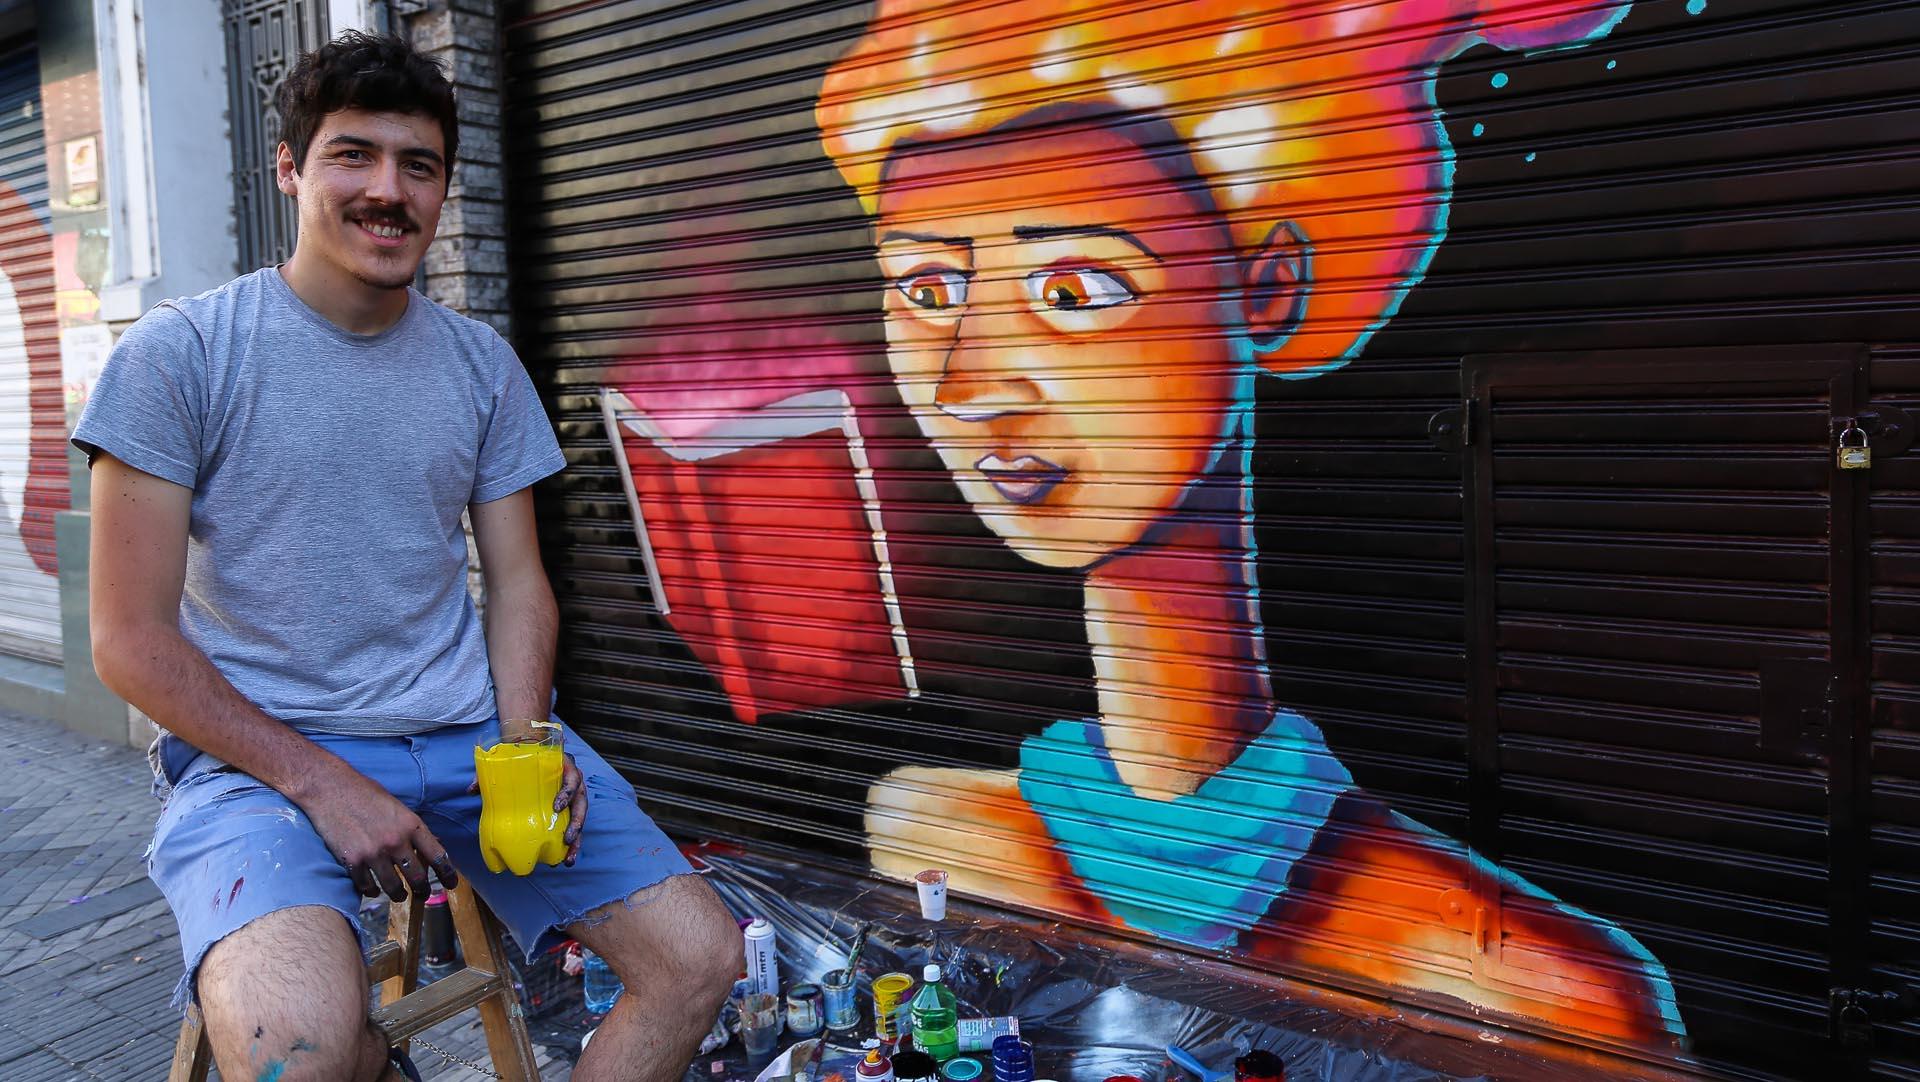 Más de 60 artistas expresaron su arte en las persianas y fachadas del centro